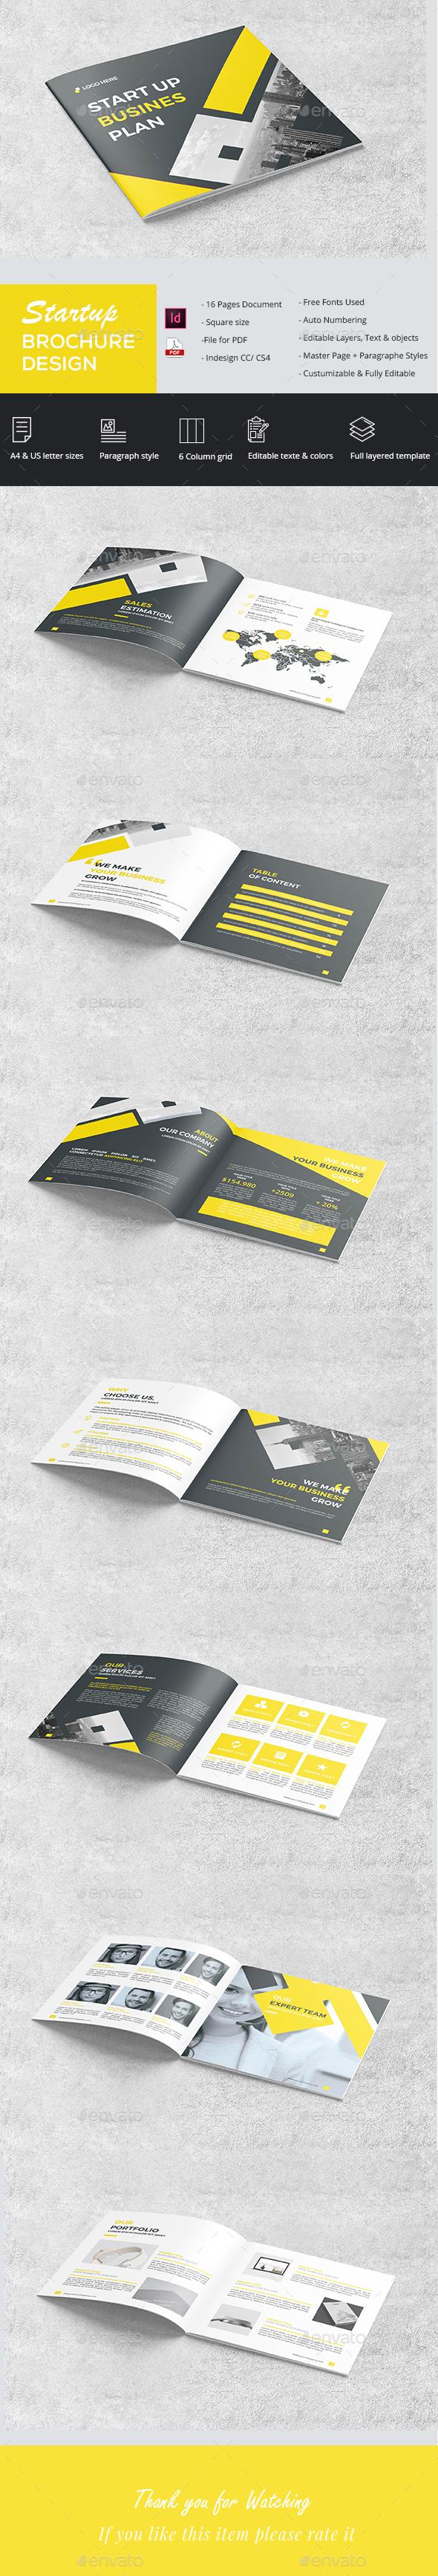 Square Company Brochure - Brochures Print Templates